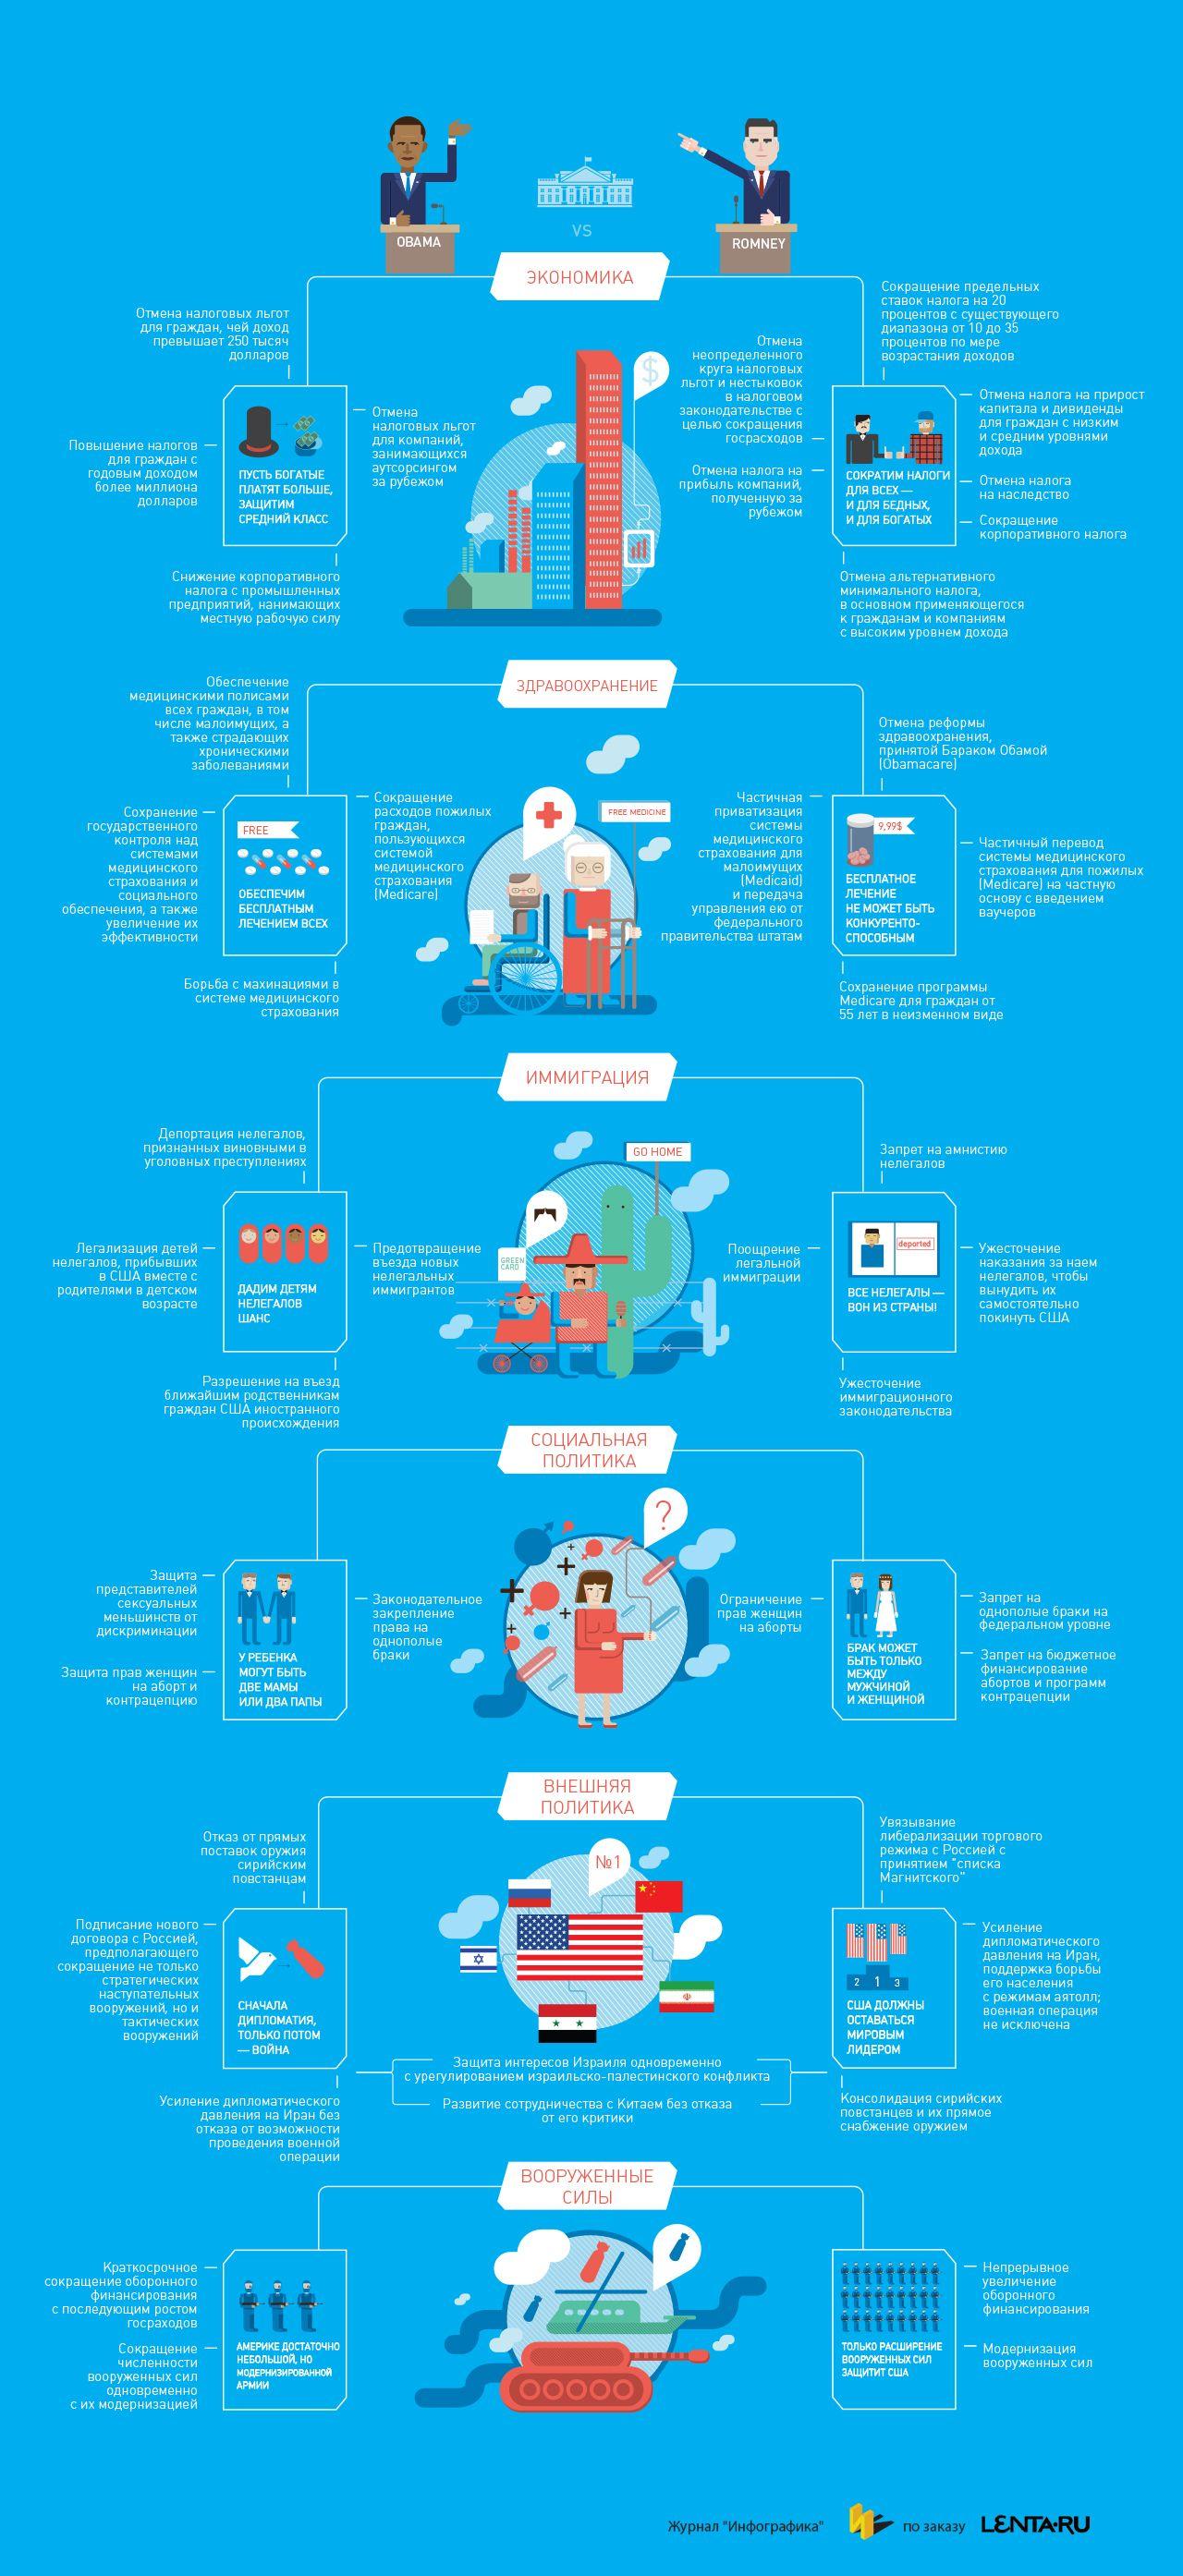 Инфографика: Обама против Ромни